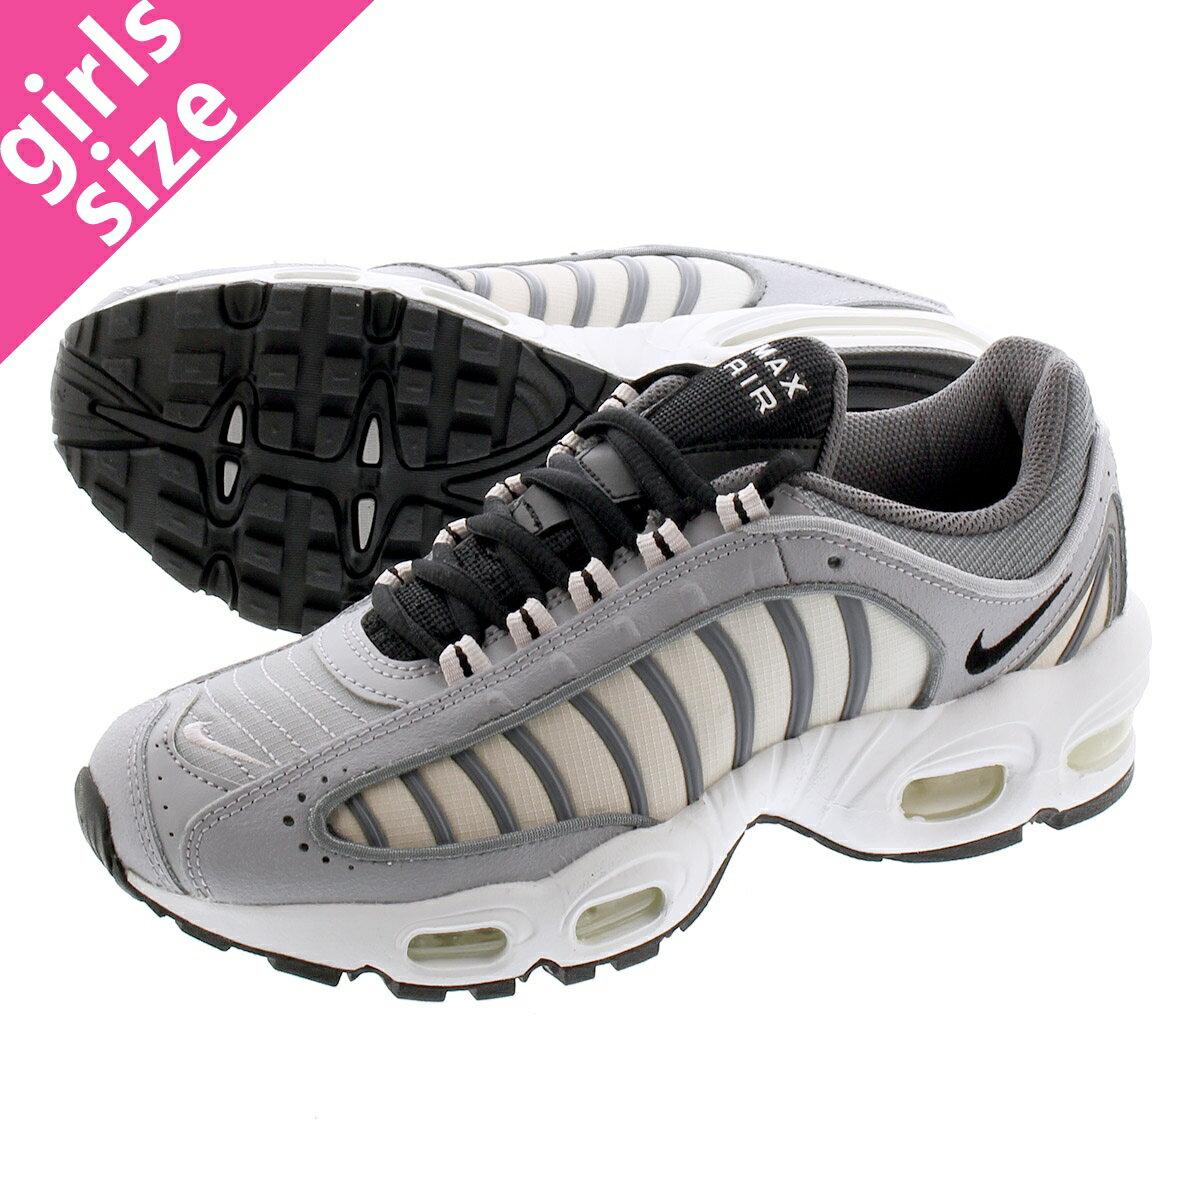 レディース靴, スニーカー NIKE WMNS AIR MAX TAILWIND IV 4 WOLF GREYBLACKCOOL GREY cj7976-006